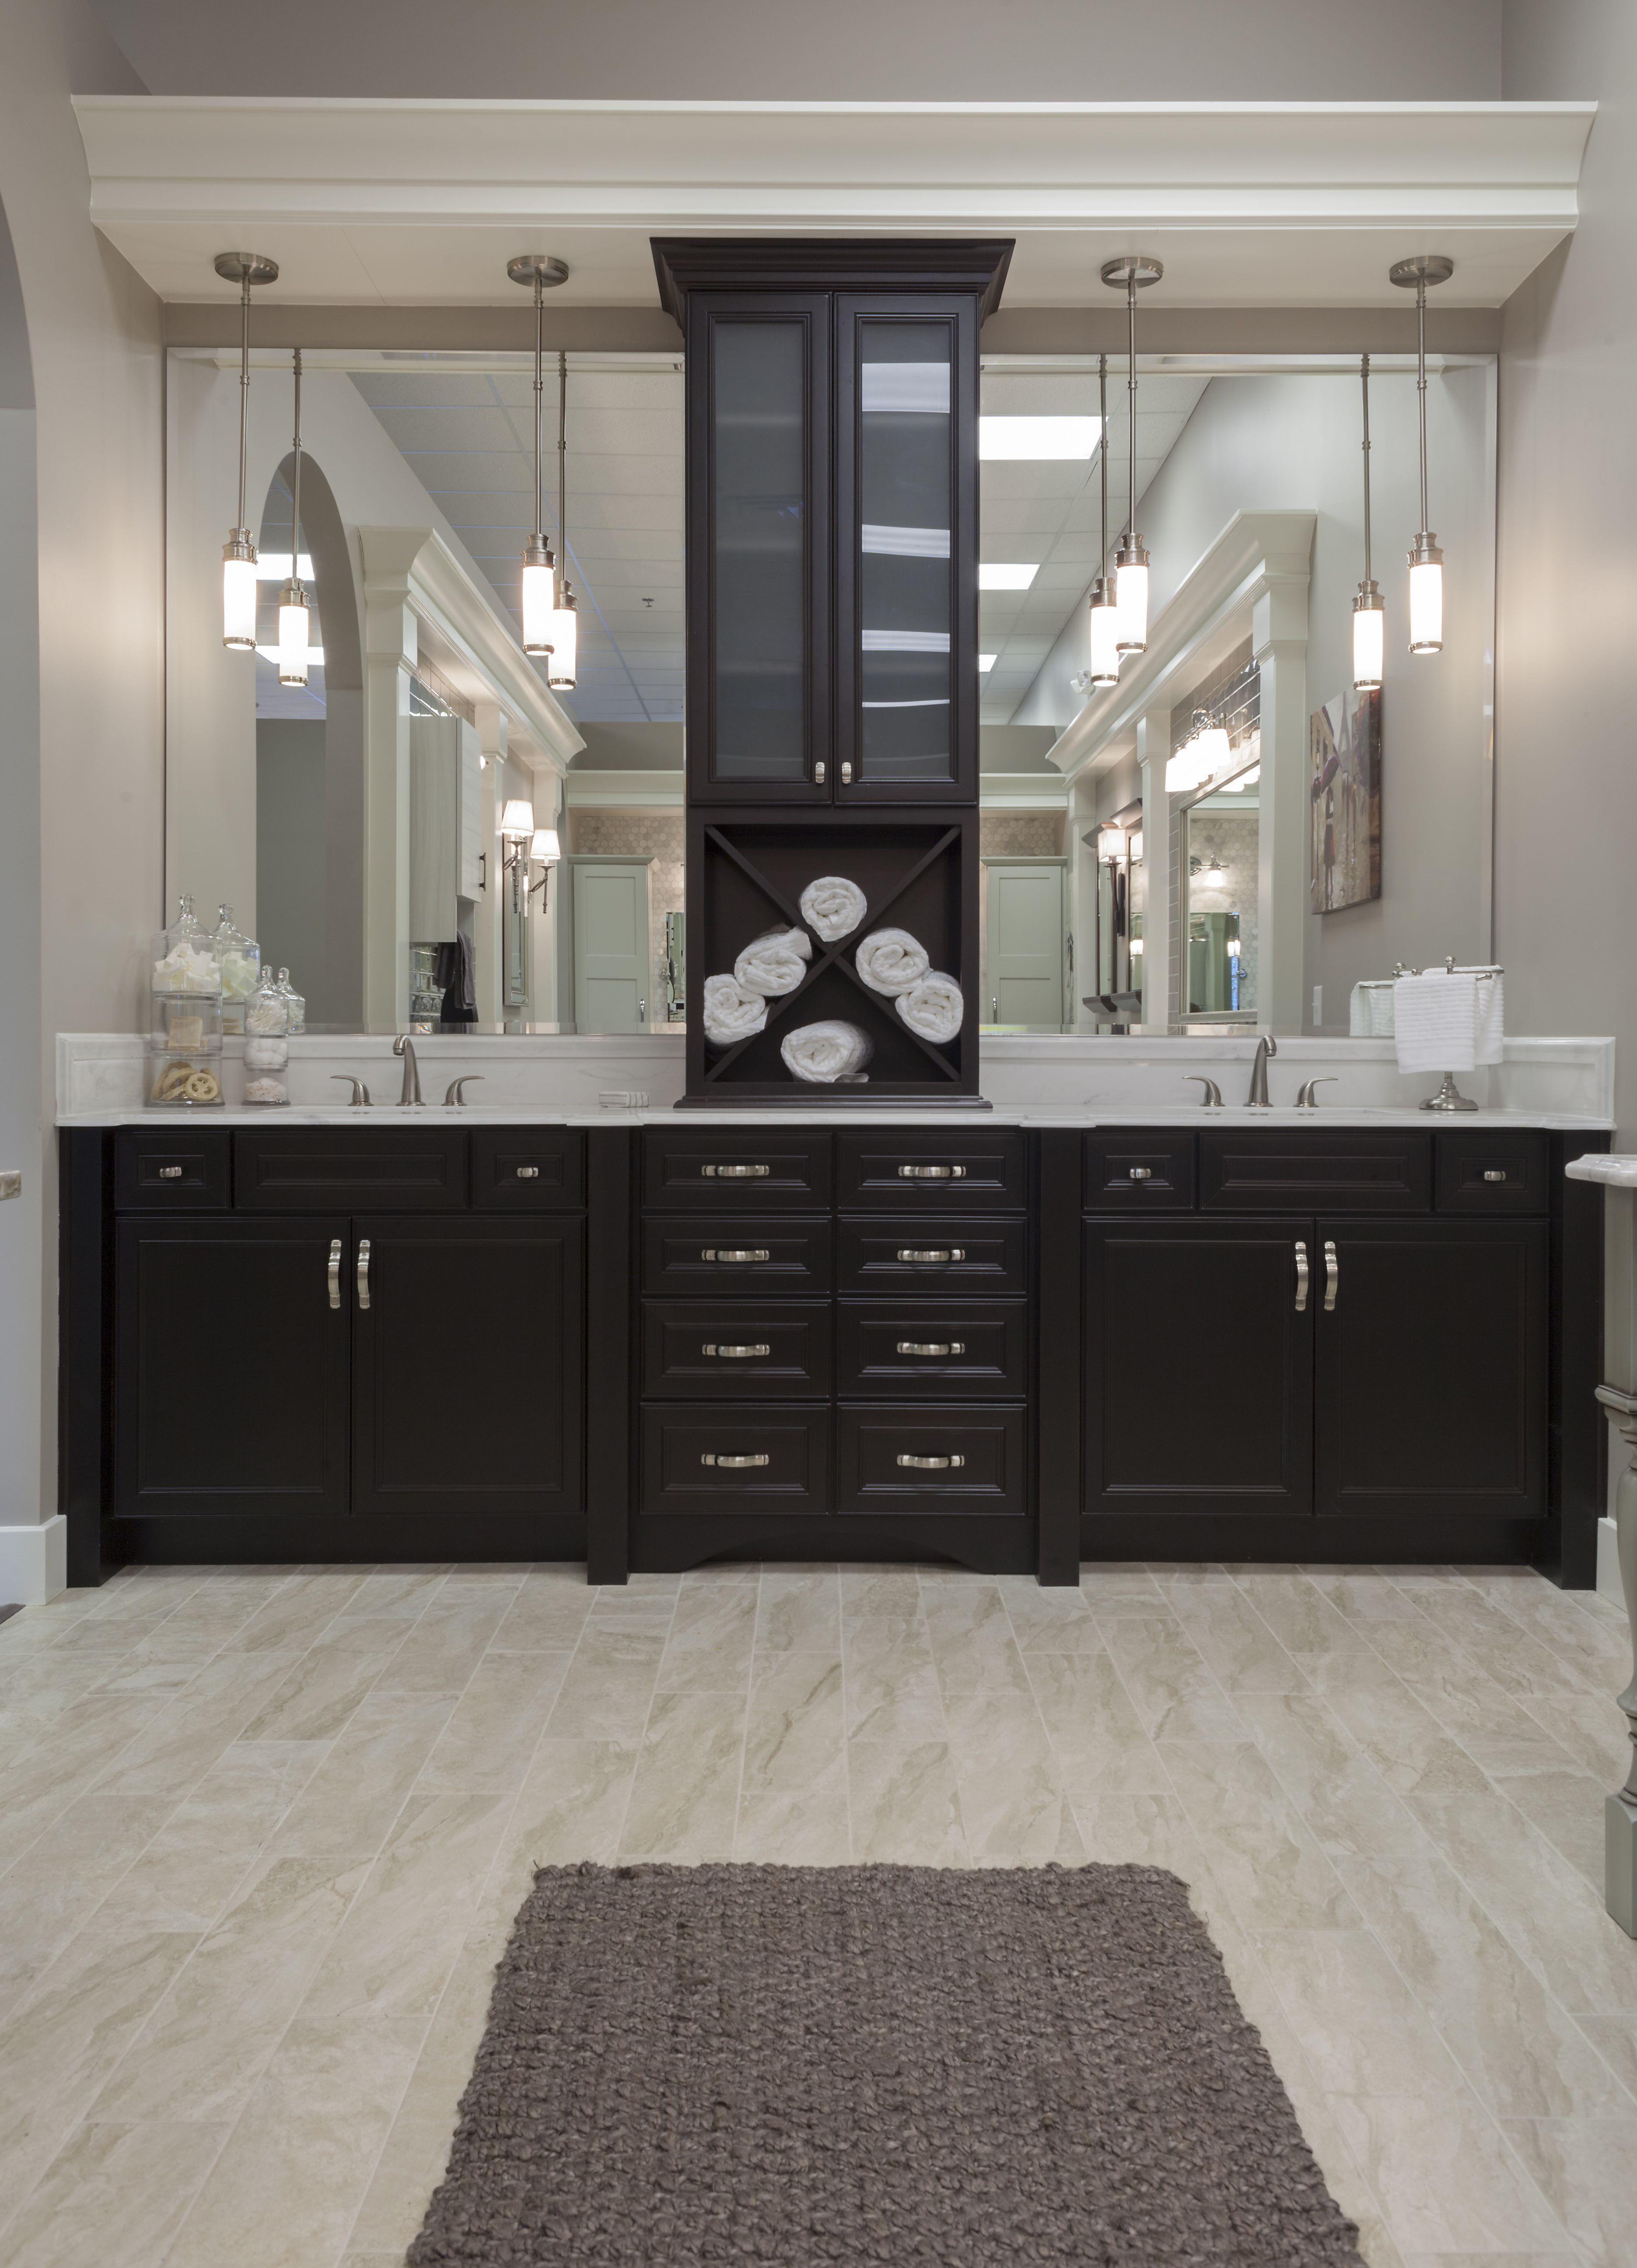 Markraft Design Center Bathrooms Remodel Remodel Custom Cabinets